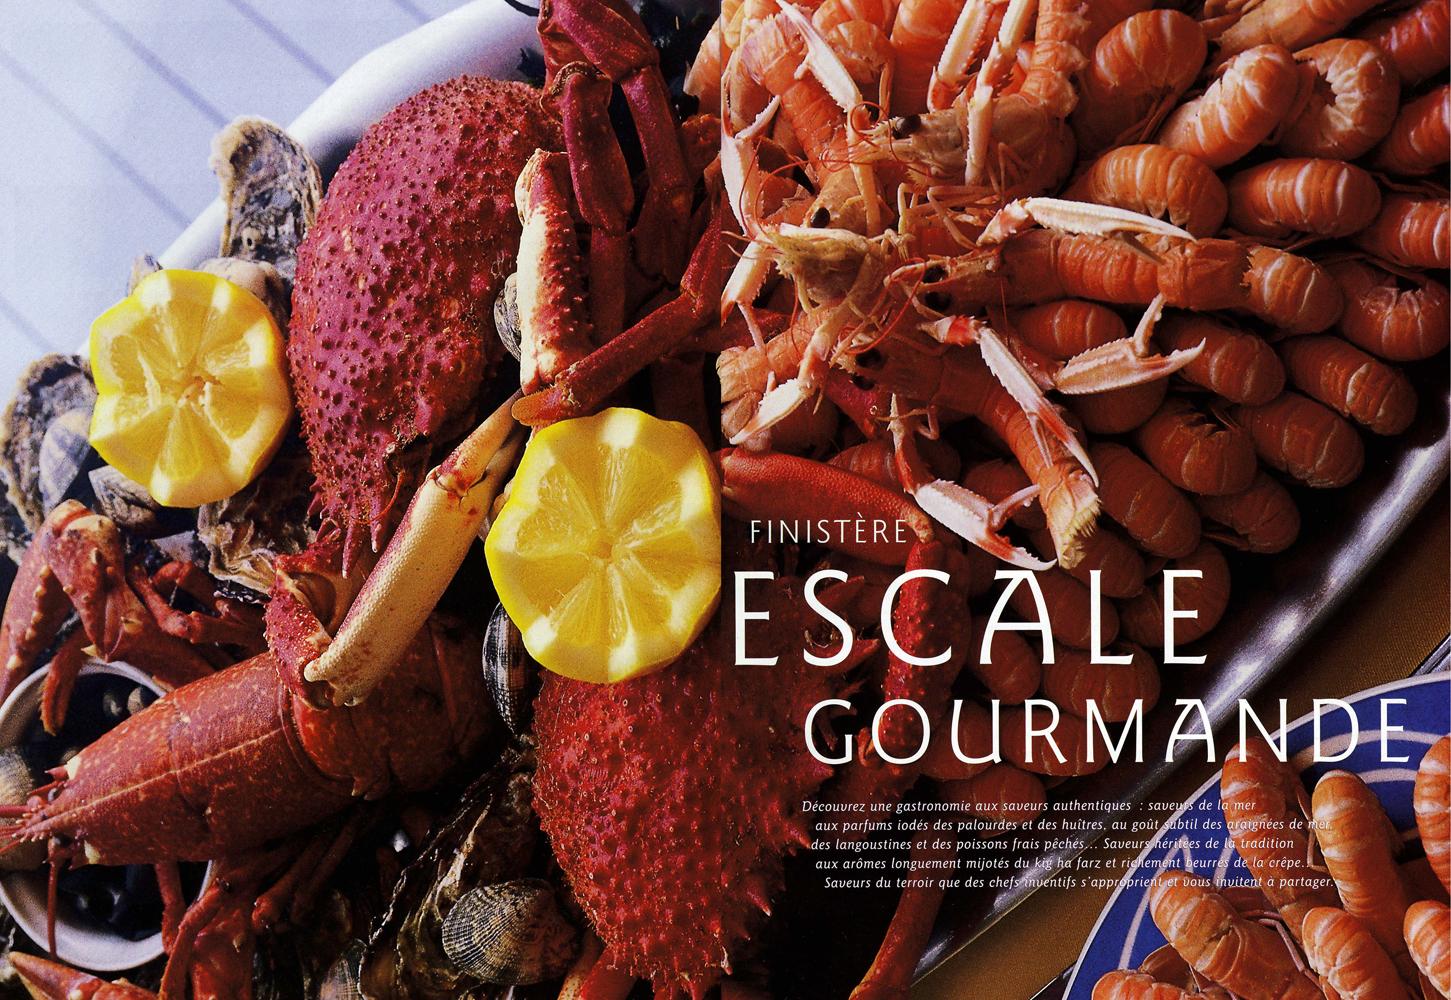 Escale gourmande et iodée en Finistère